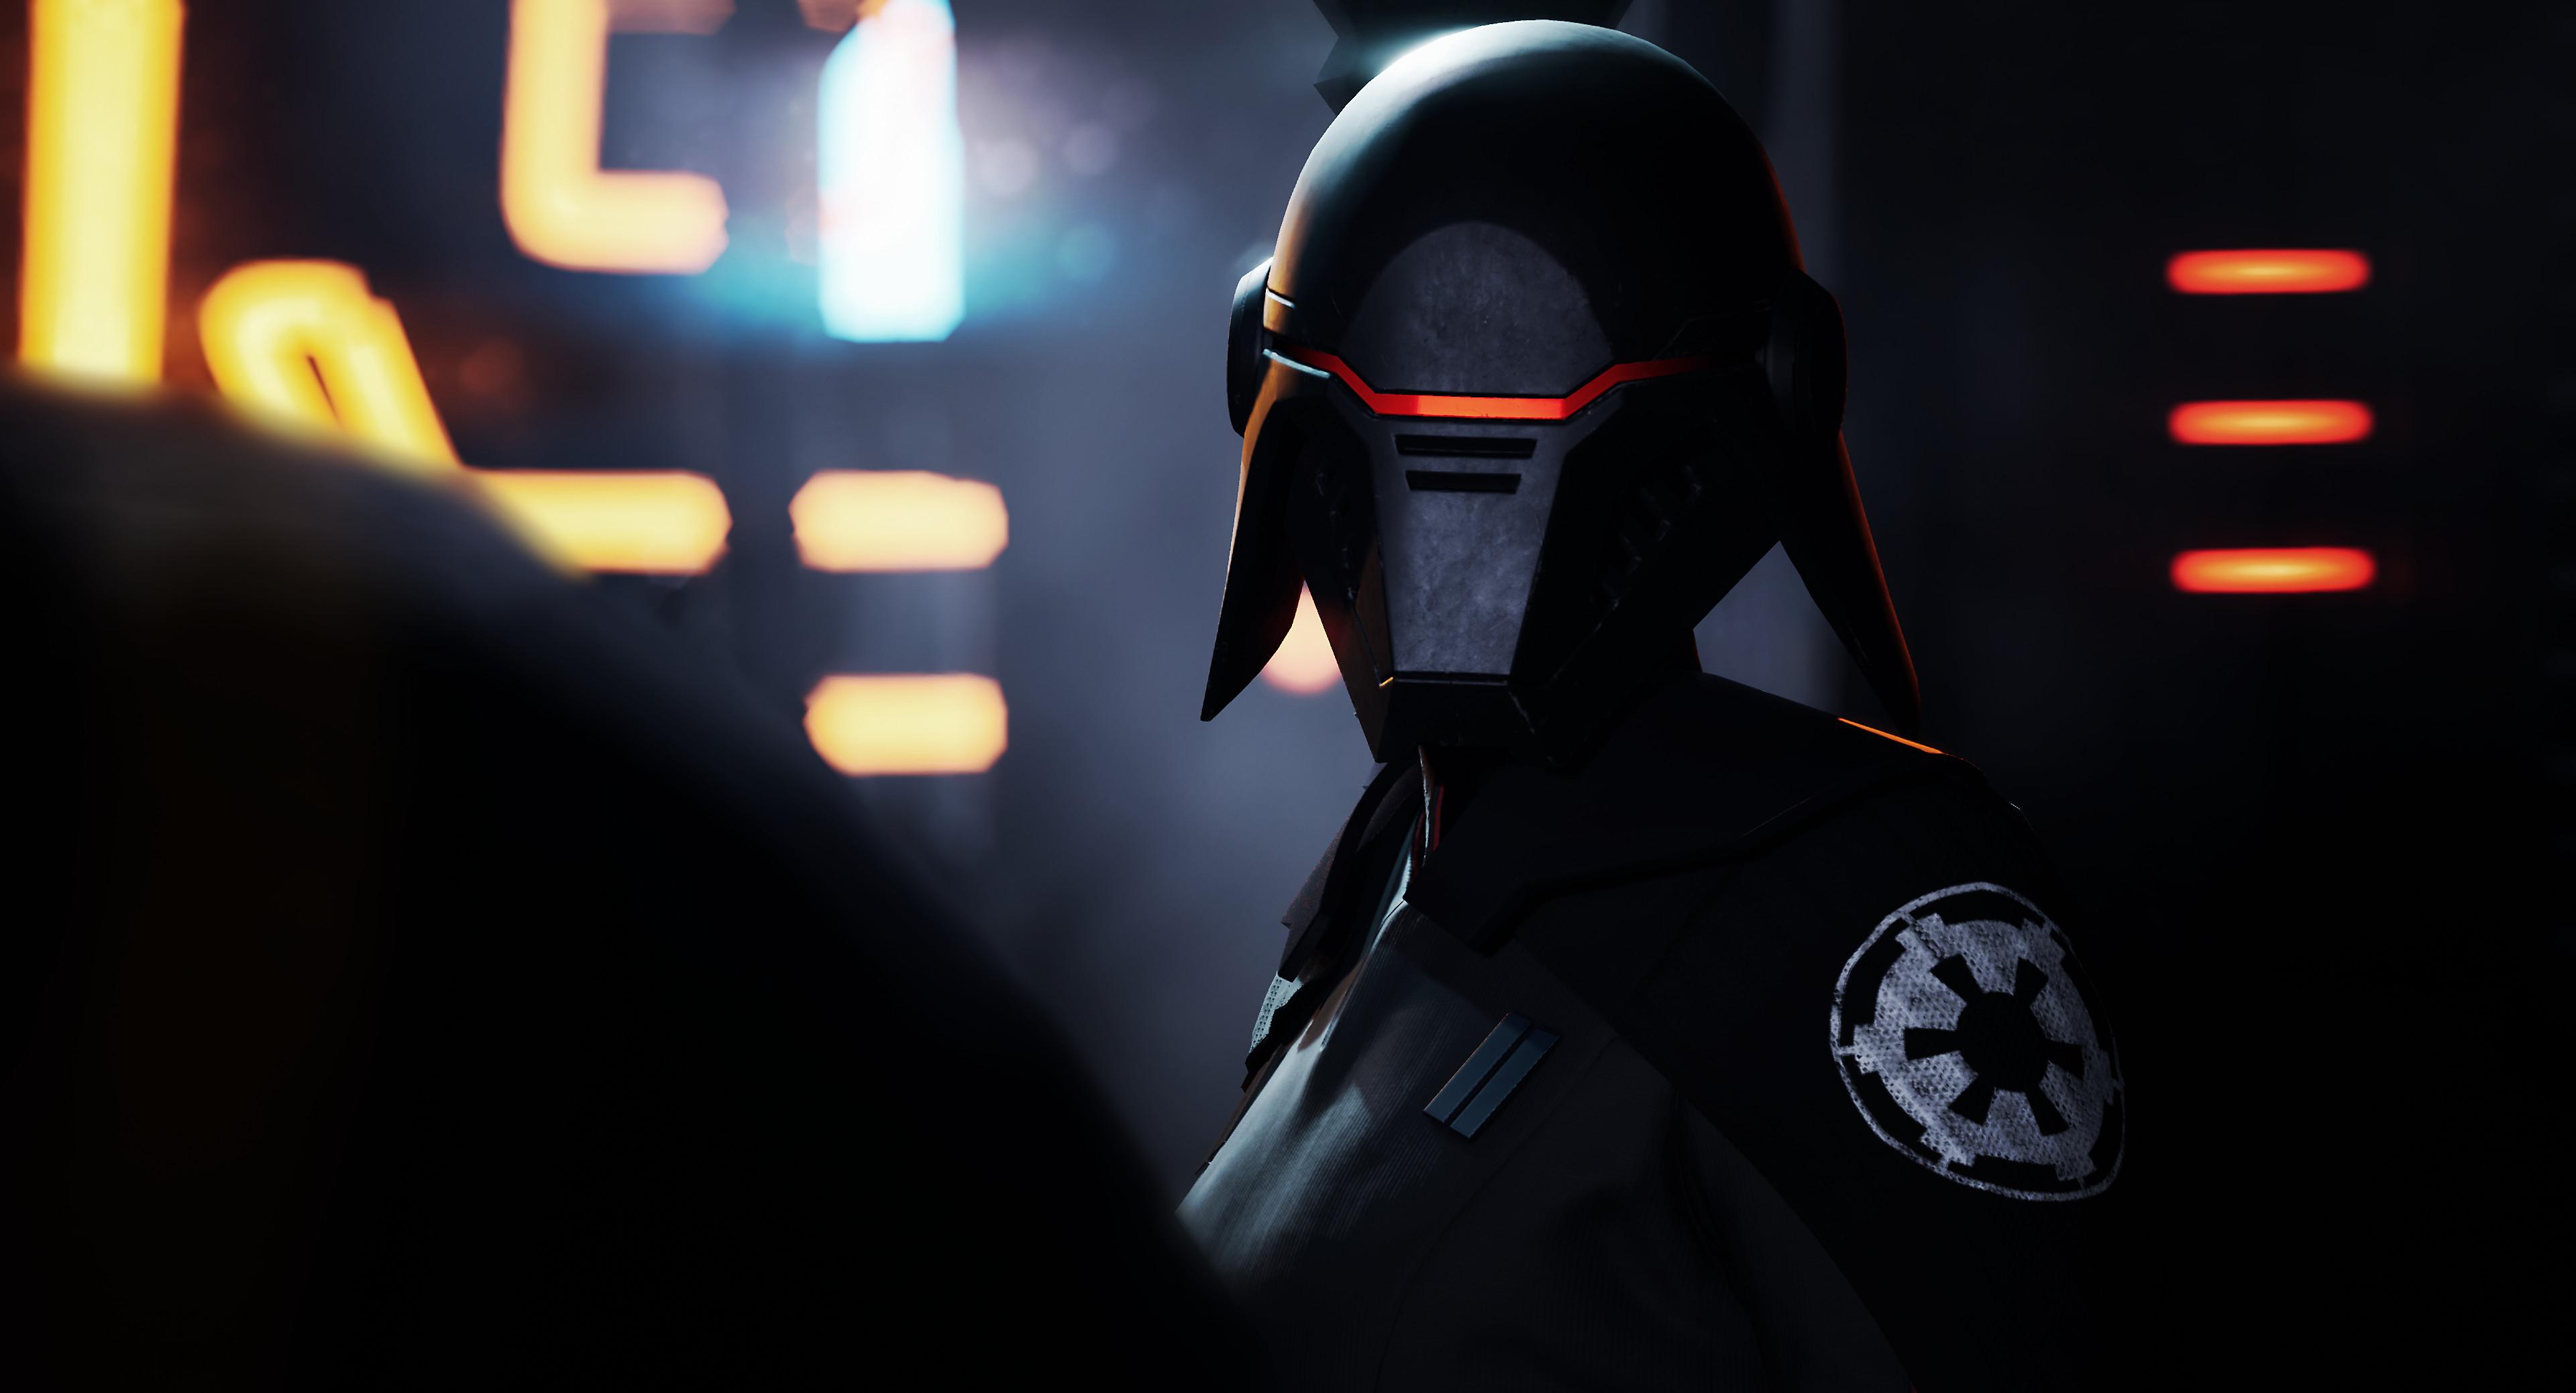 Star Wars Jedi Fallen Order Wallpapers in Ultra HD 4K